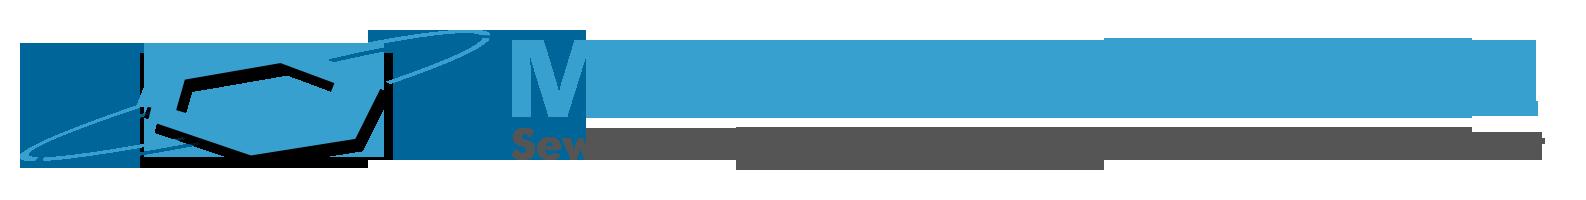 logo Sewa Genset Silent Murah di Jakarta, Bekasi, Depok, Tangerang, Bogor Dan Jabodetabek